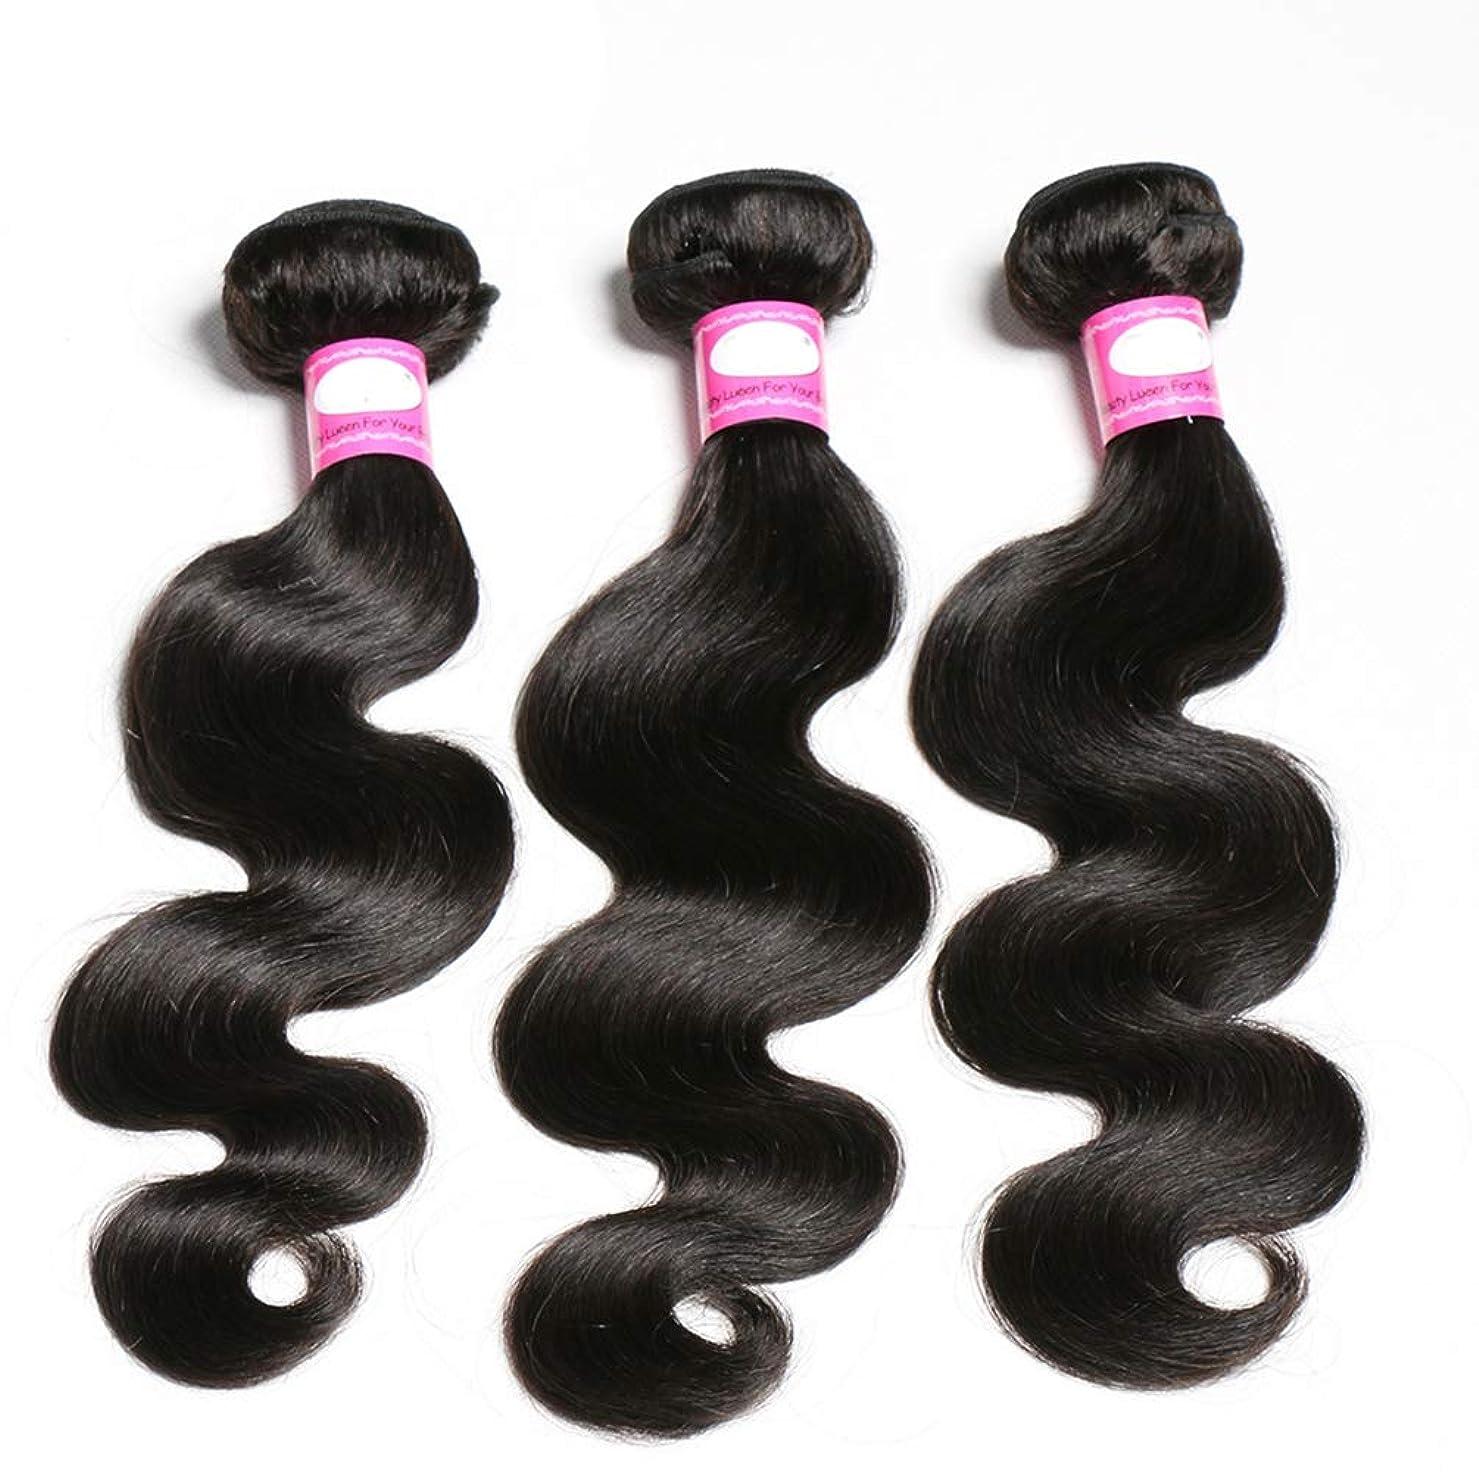 方程式大通り解読するブラジルの巻き毛の束深い波の束100%ブラジルのレミーの巻き毛の人間の毛髪の織り方ブラジルの毛の束(3束)